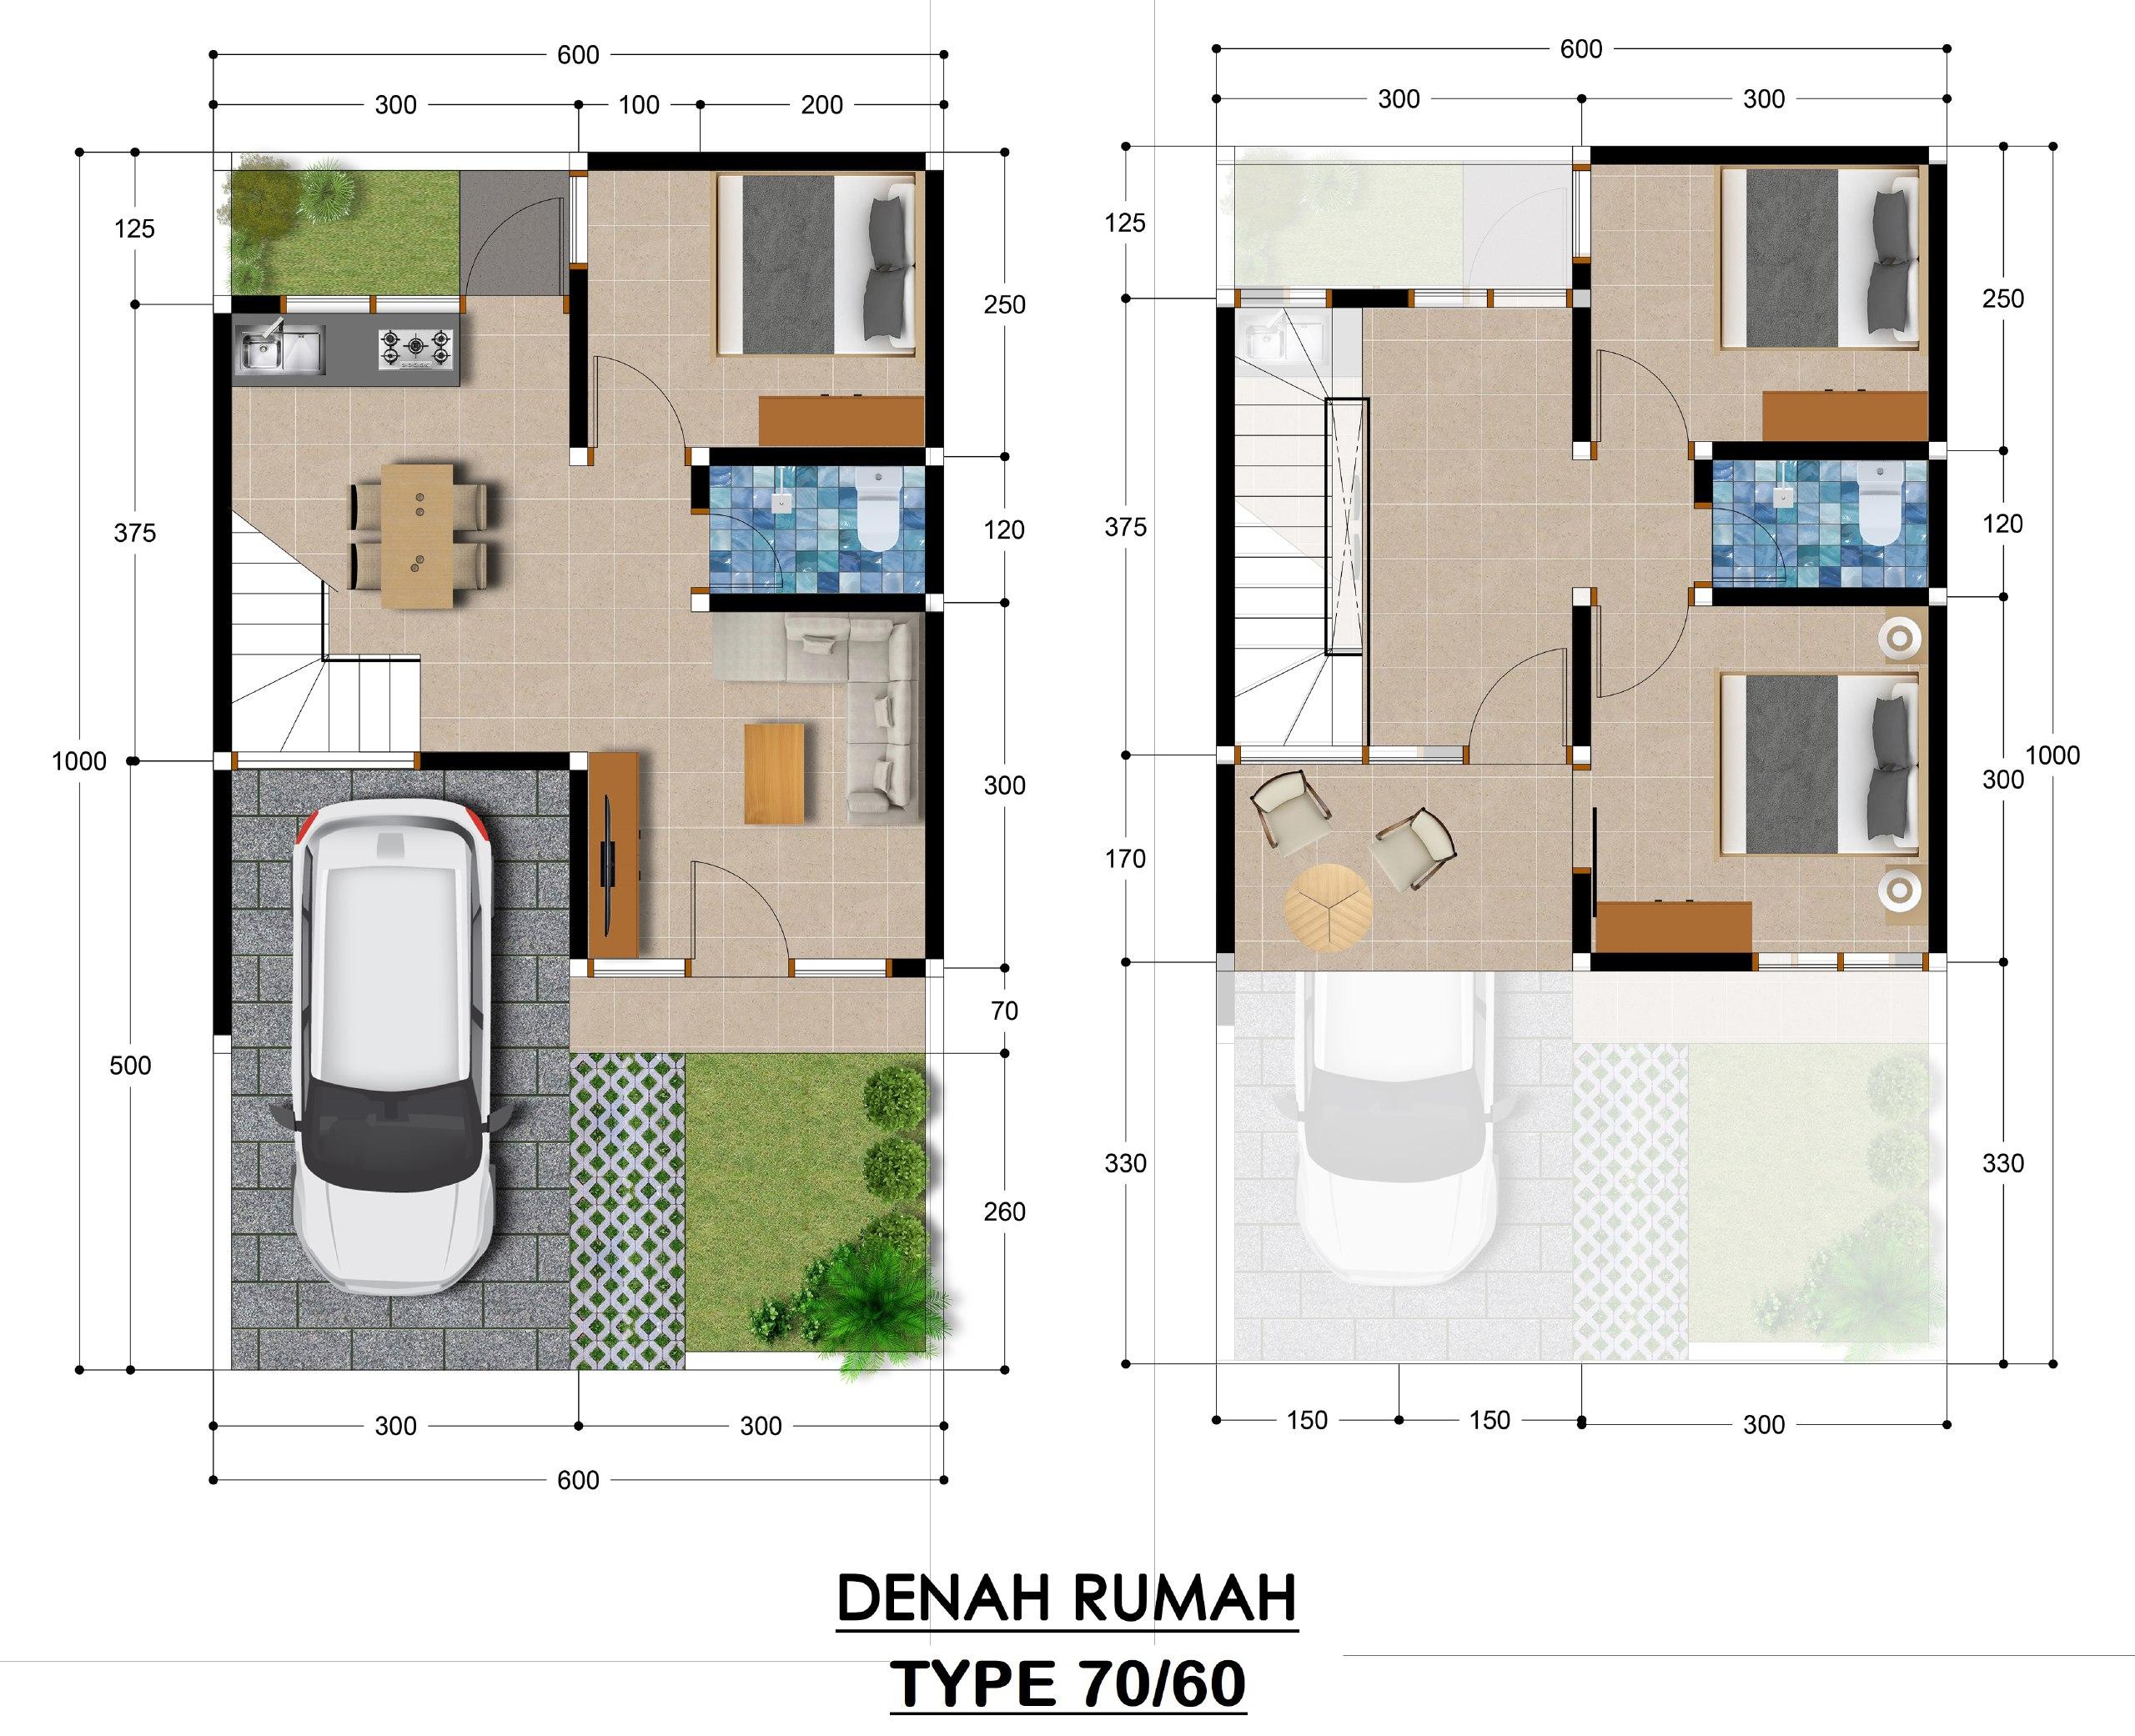 rumah syariah tangerang type 70-60